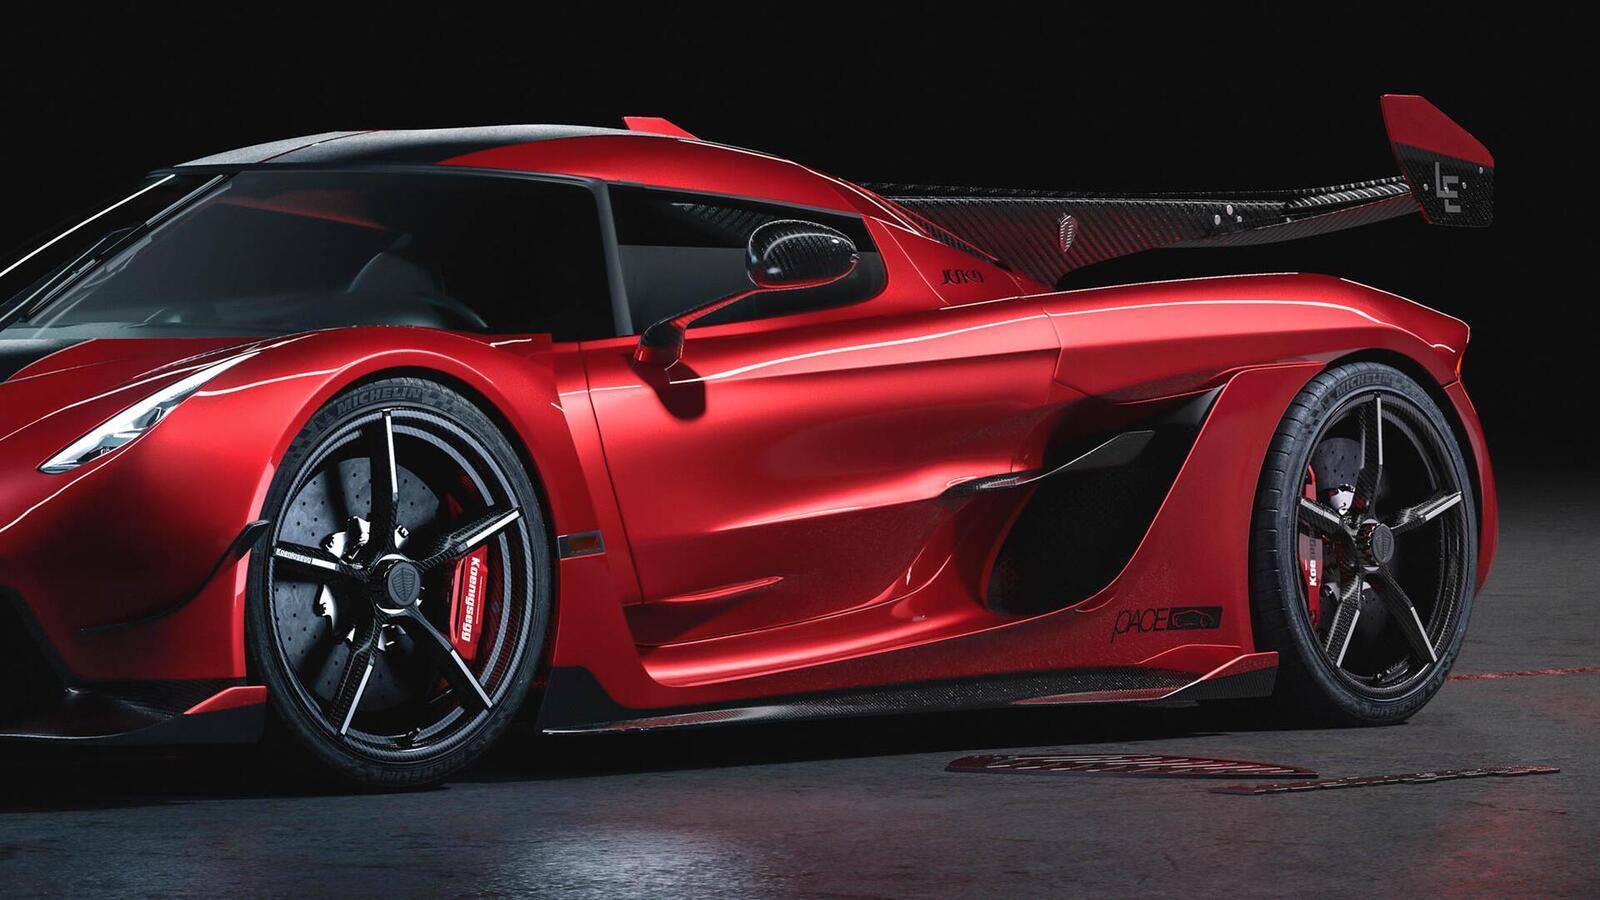 """Koenigsegg Jesko phiên bản """"Red Cherry Edition"""": Siêu phẩm mạnh 1.600 mã lực - Hình 6"""